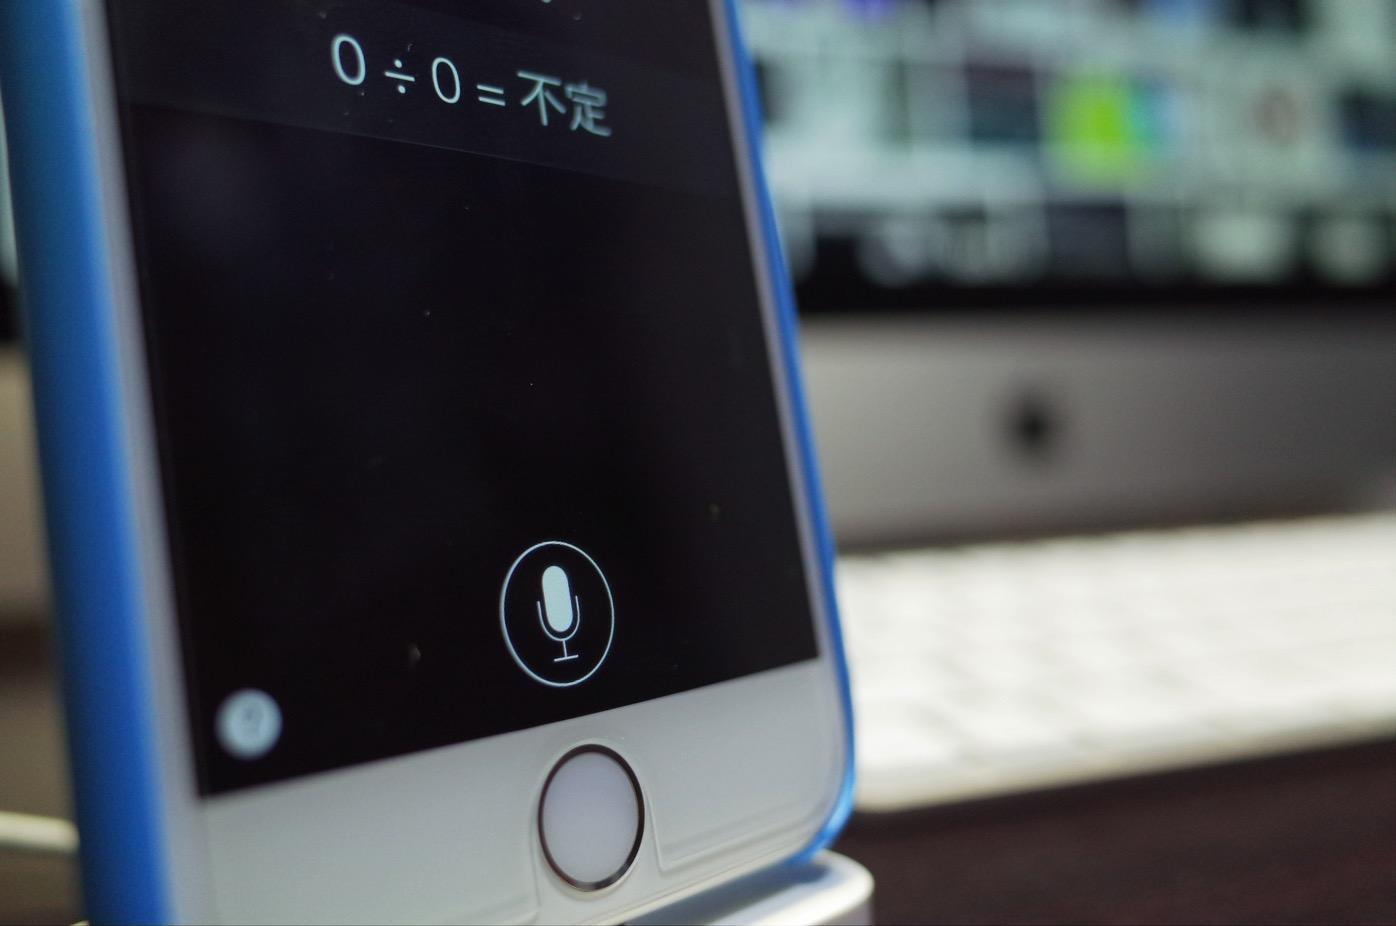 [iPhone][Siri]時間の計算が苦手な私にはSiriがとっても役立っている件